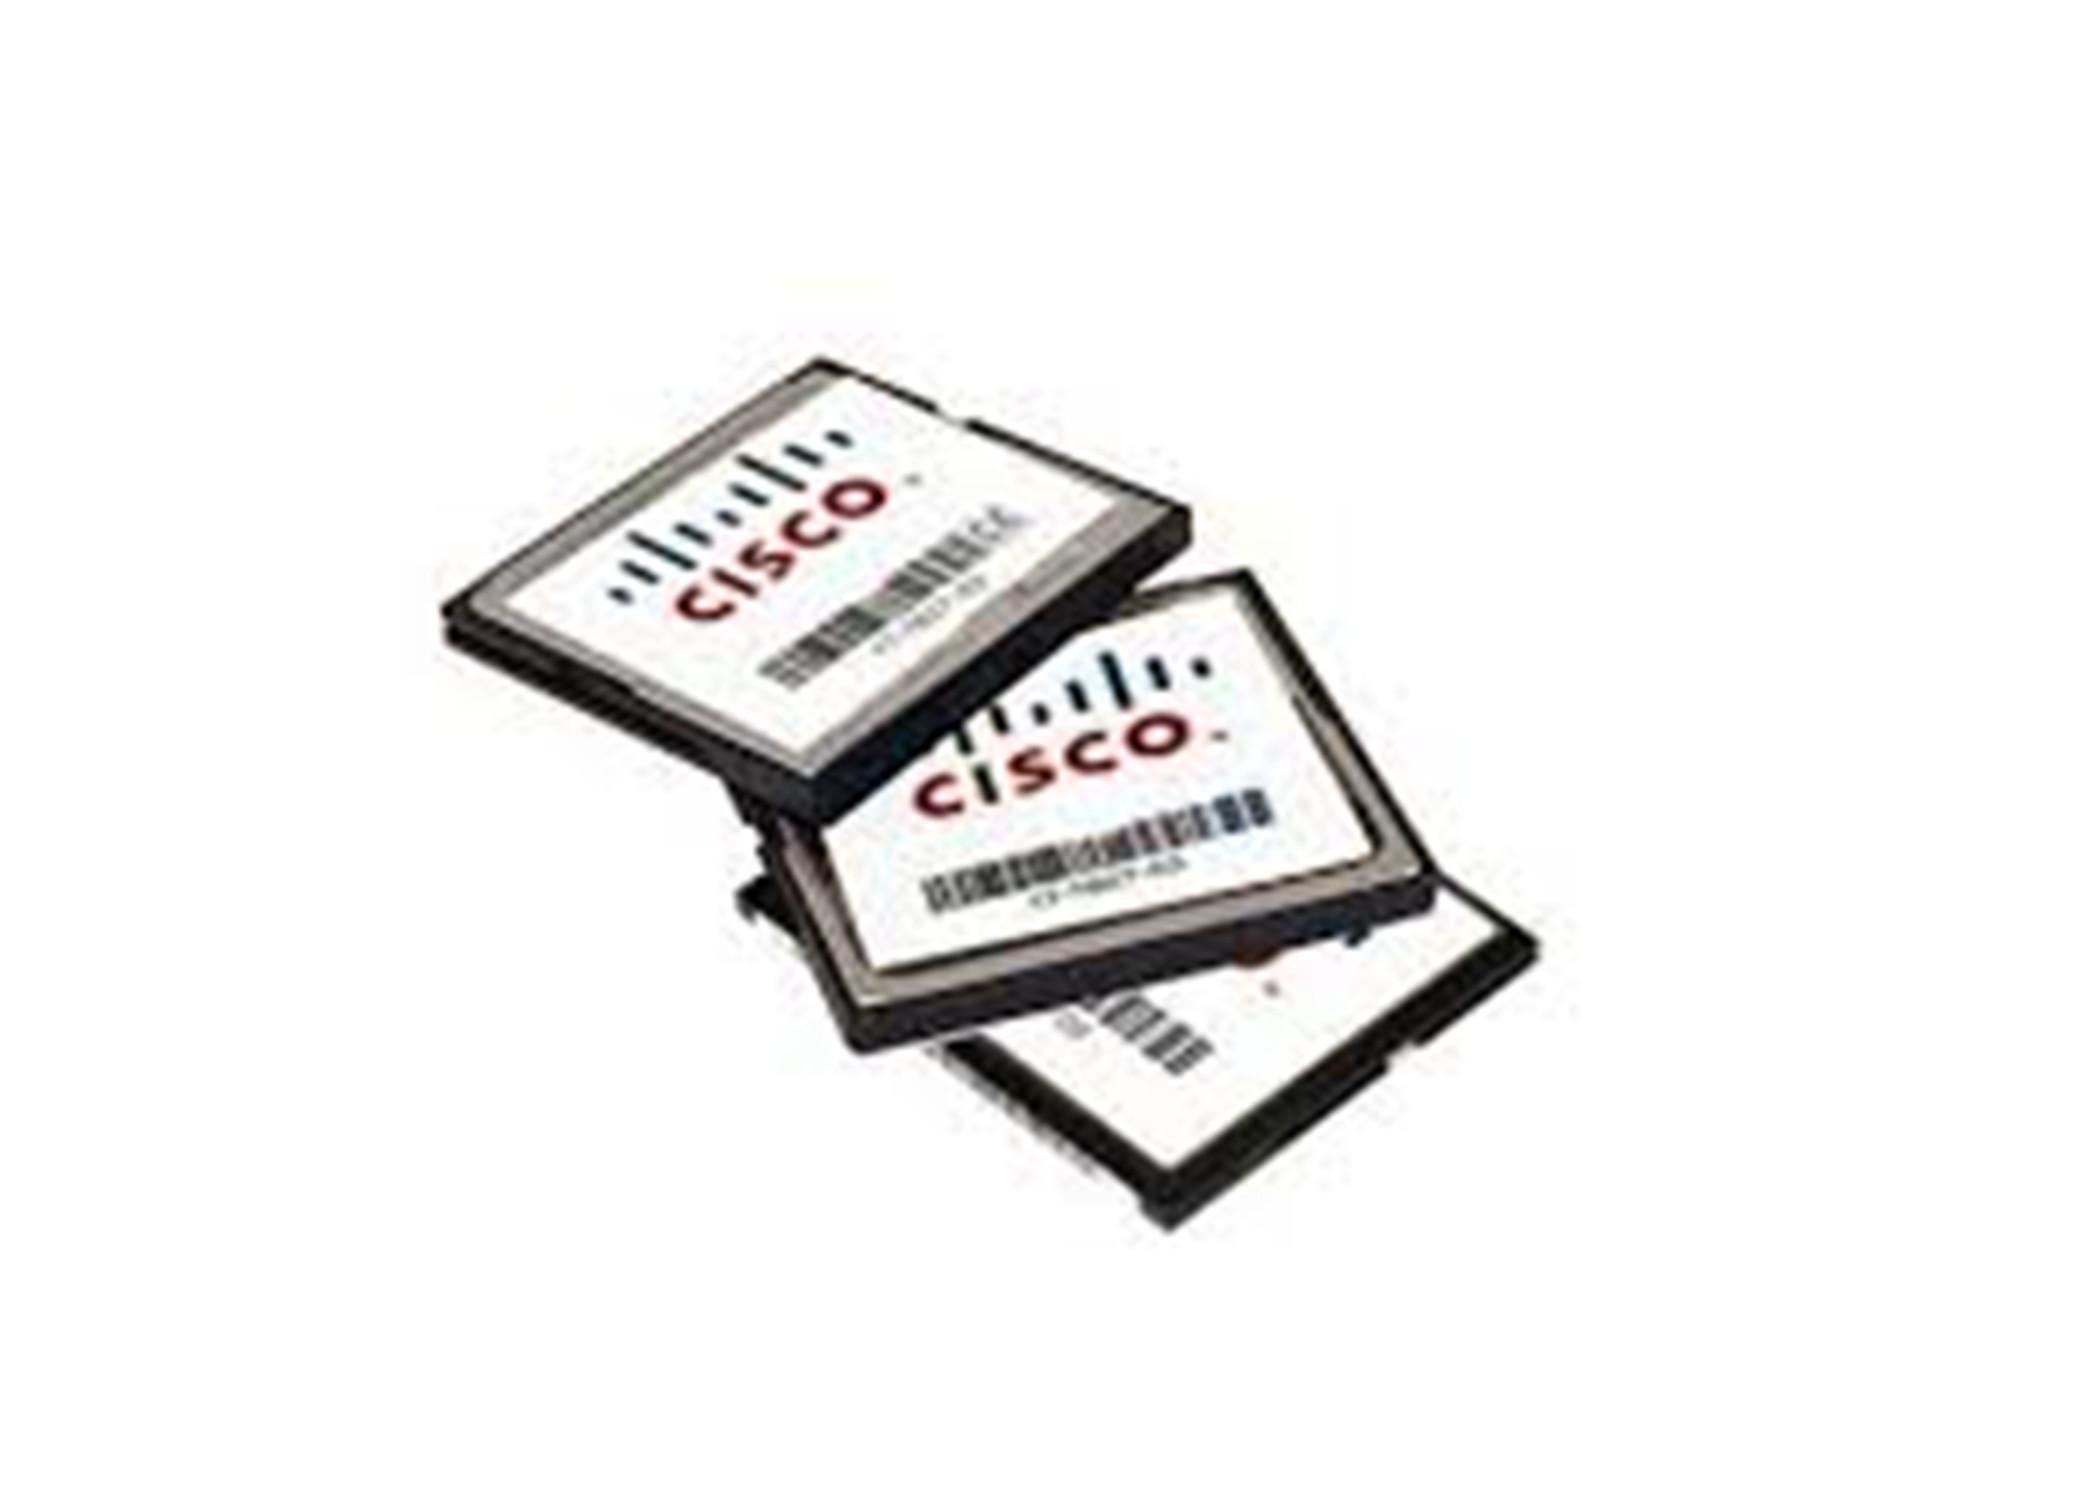 Cisco Isr Hardware Router 8g To 16g Flash Memory Mem